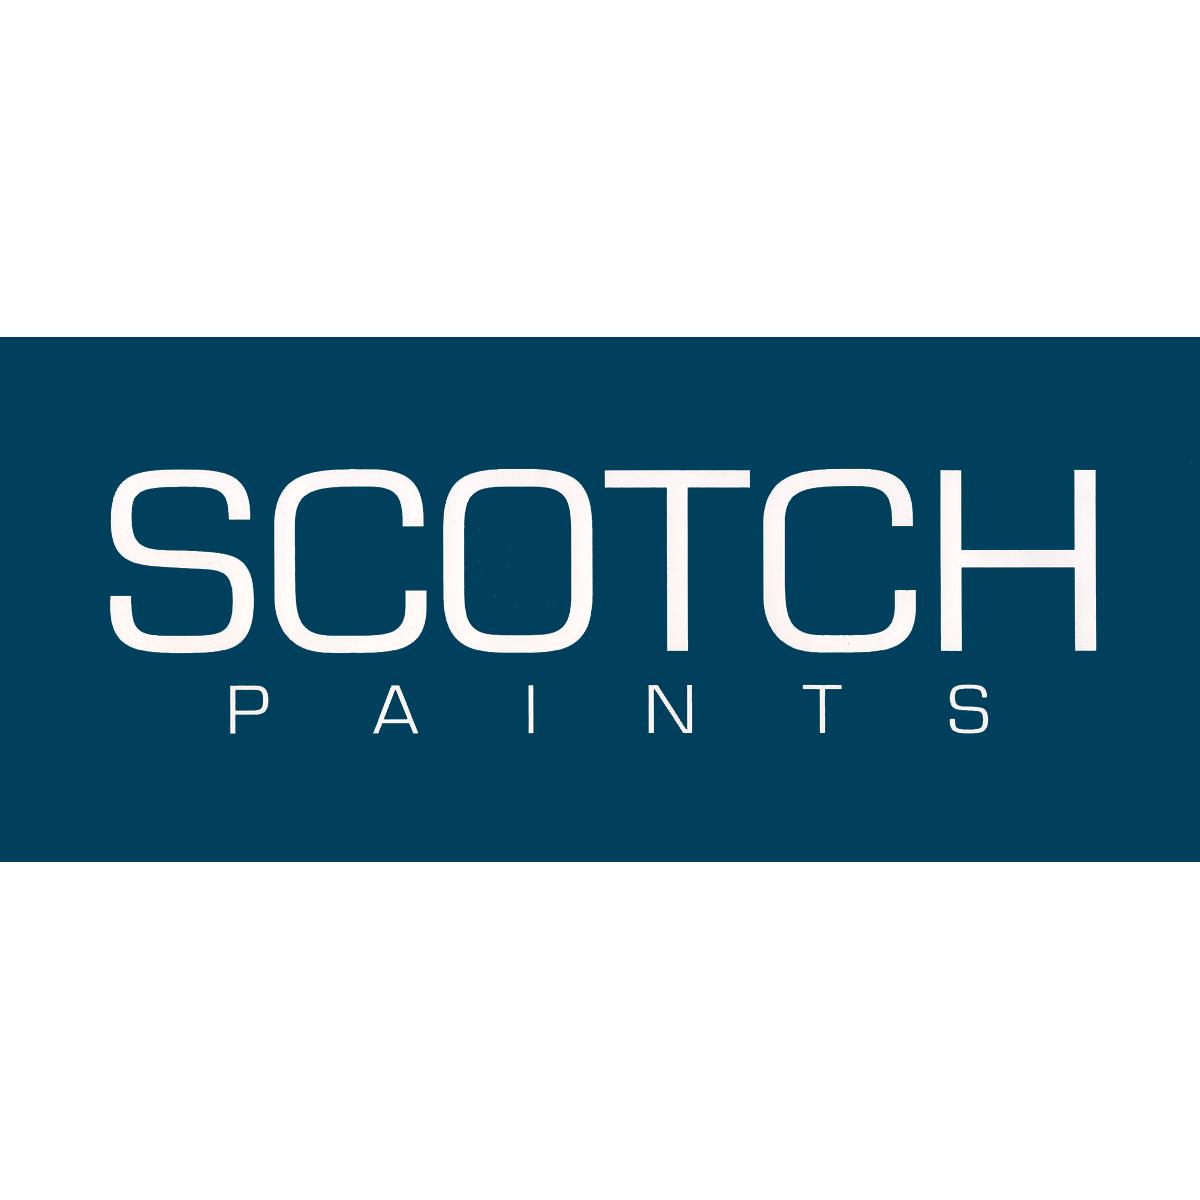 Scotch Paint Corporation